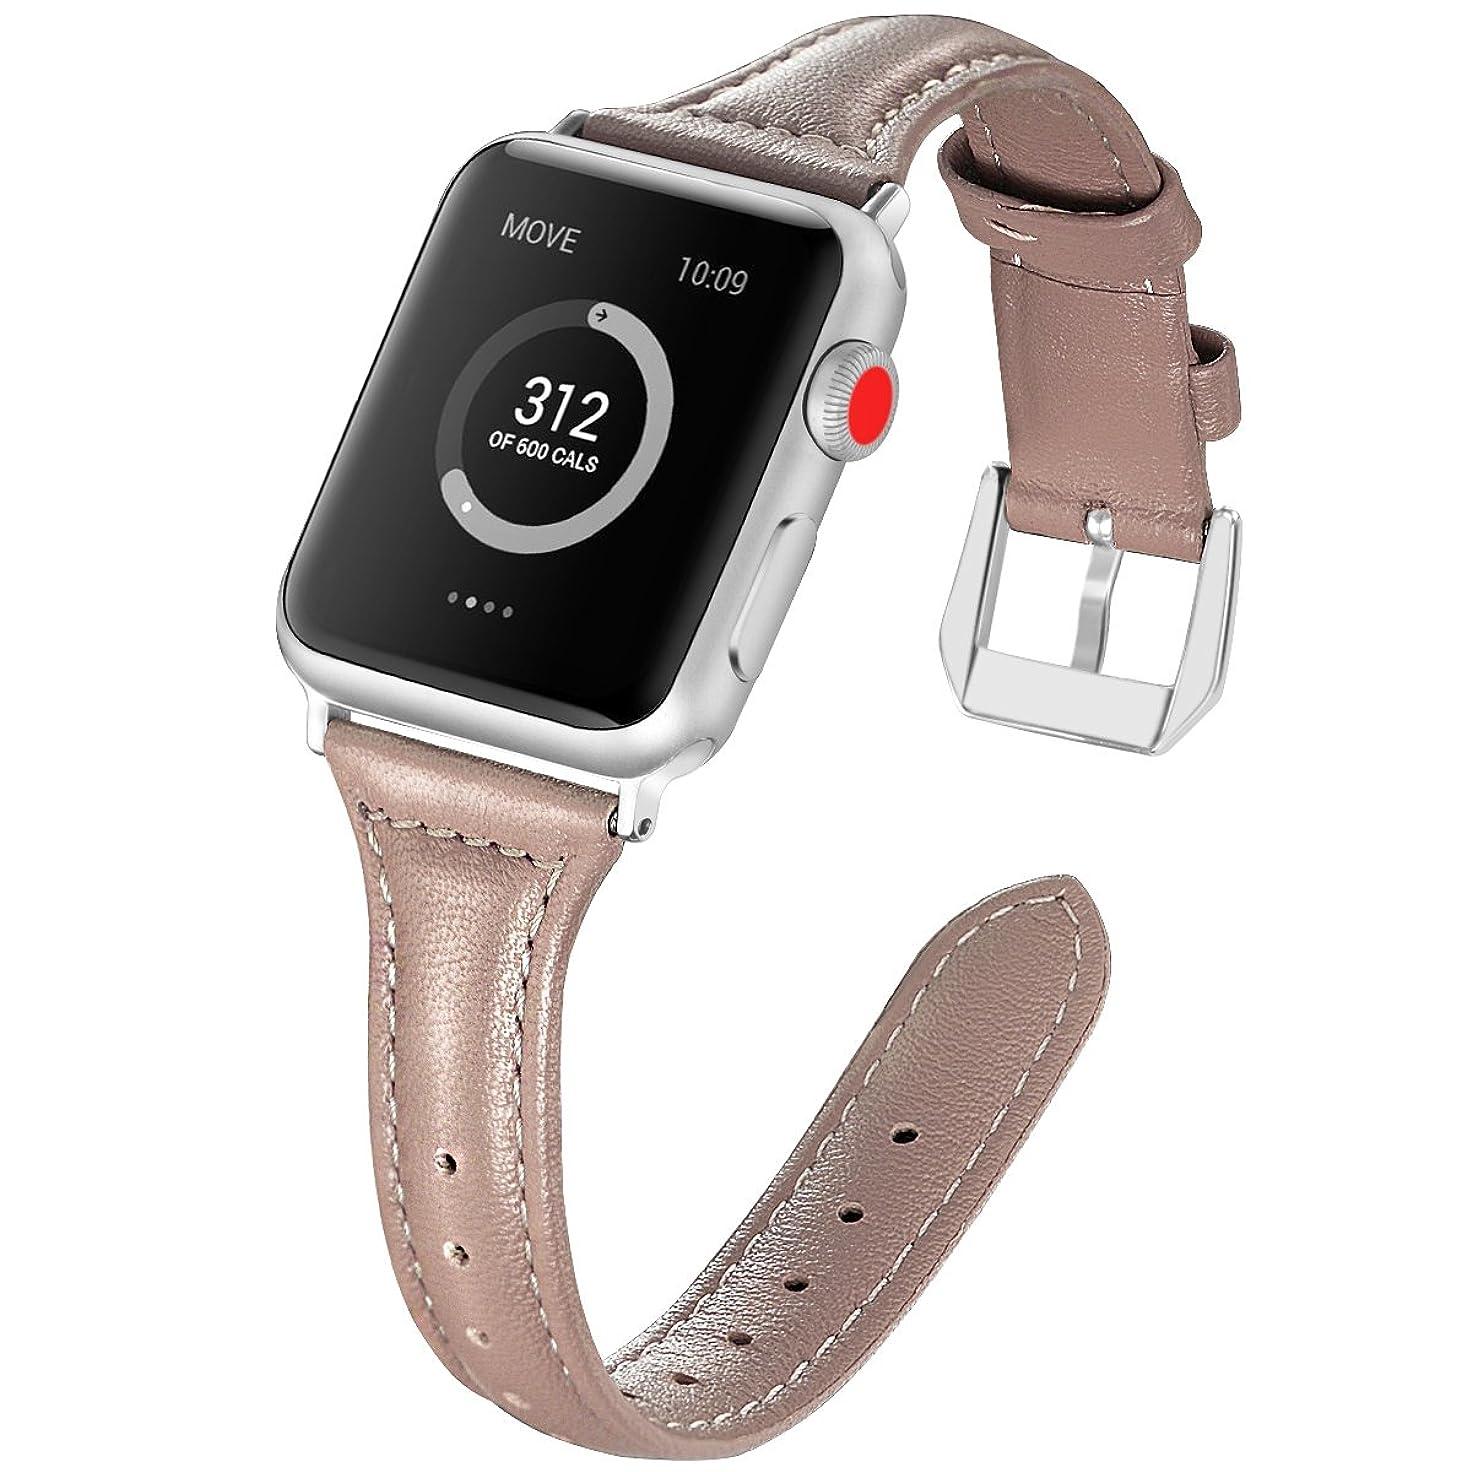 論理的アダルト属するArkgo バンド 38/40mm Compatible with Apple Watch 1/2/3/4/5 バンド, シリカゲルバンド 交換バンド柔らか運動型 アップルウォッチ (38/40mm-L, グレー)